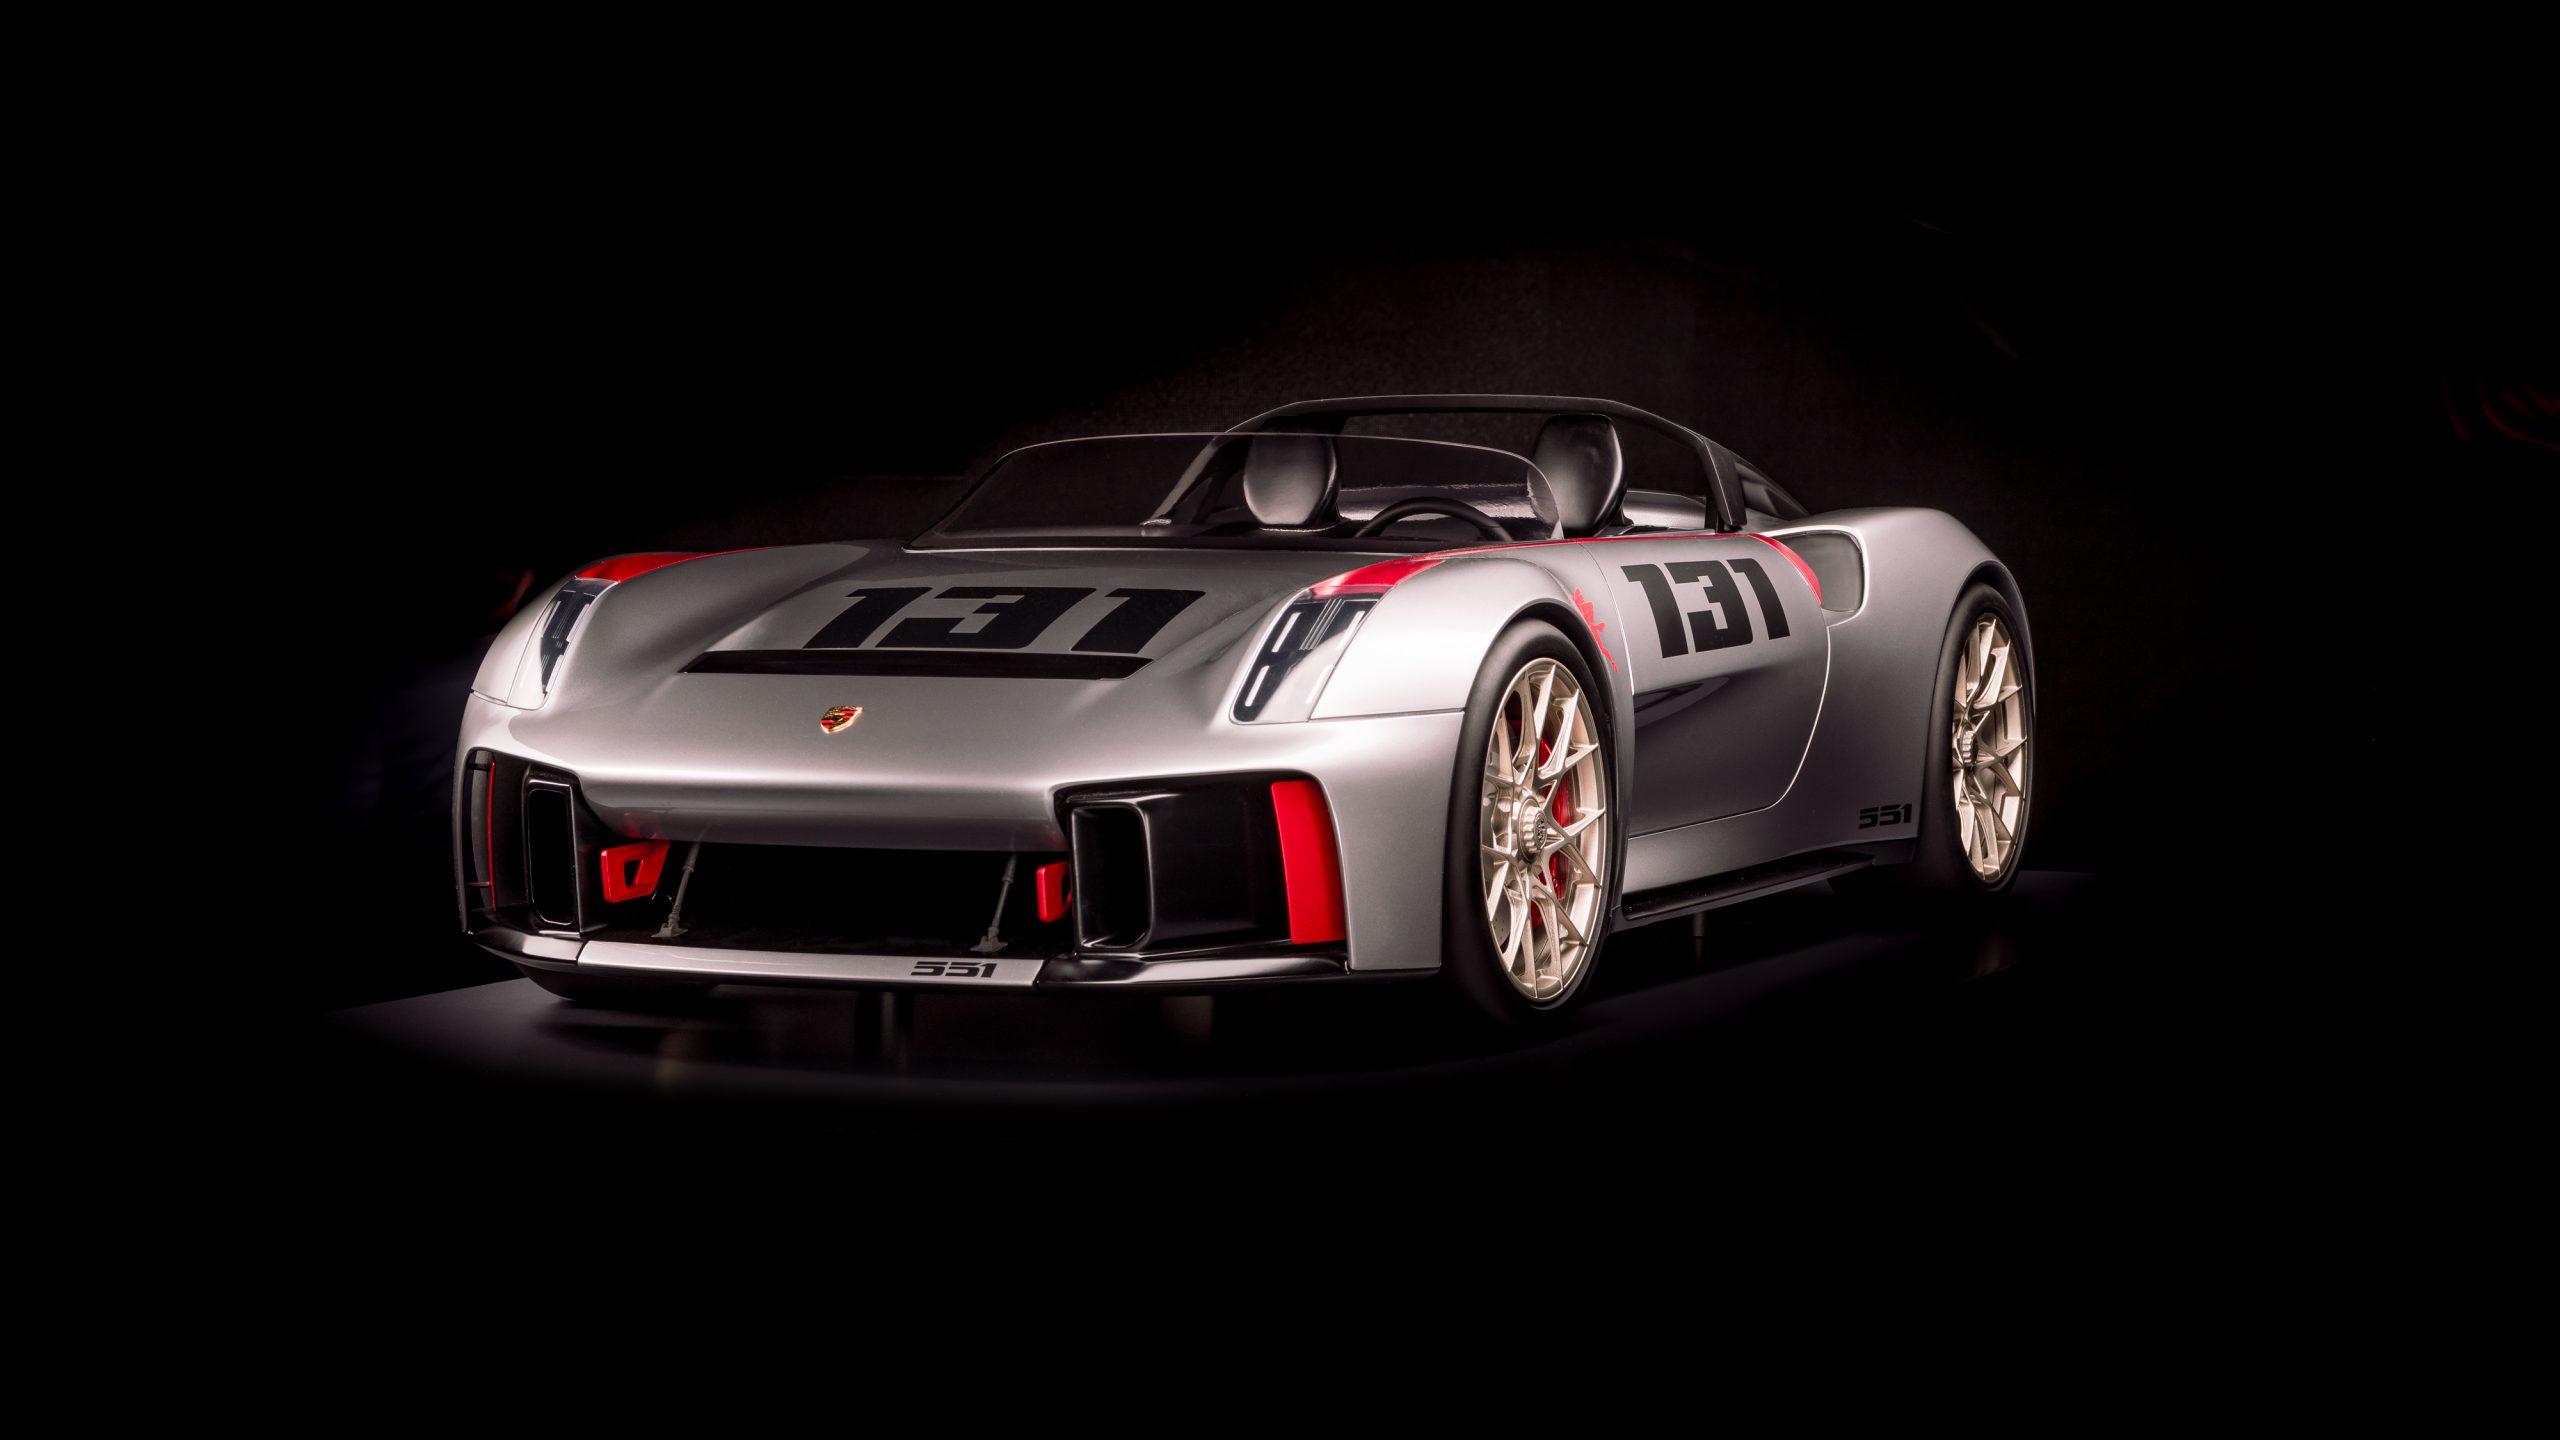 Porsche vision spyderfront 2